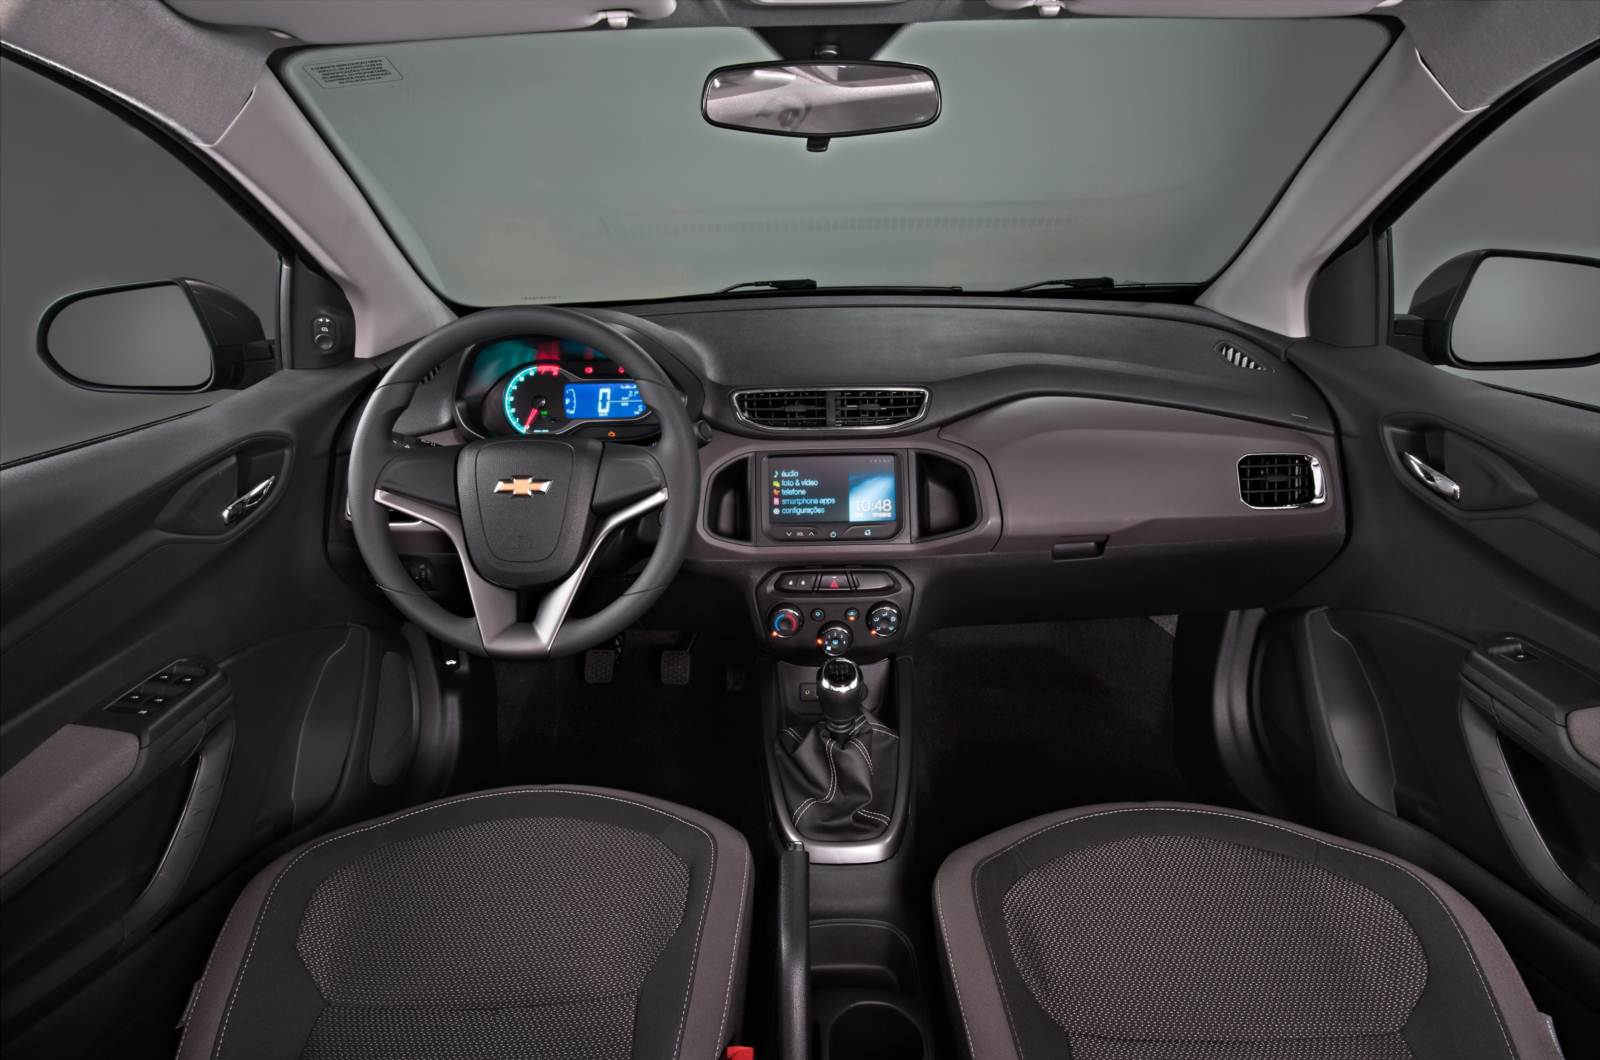 Chevrolet Prisma 2016 - interior - painel